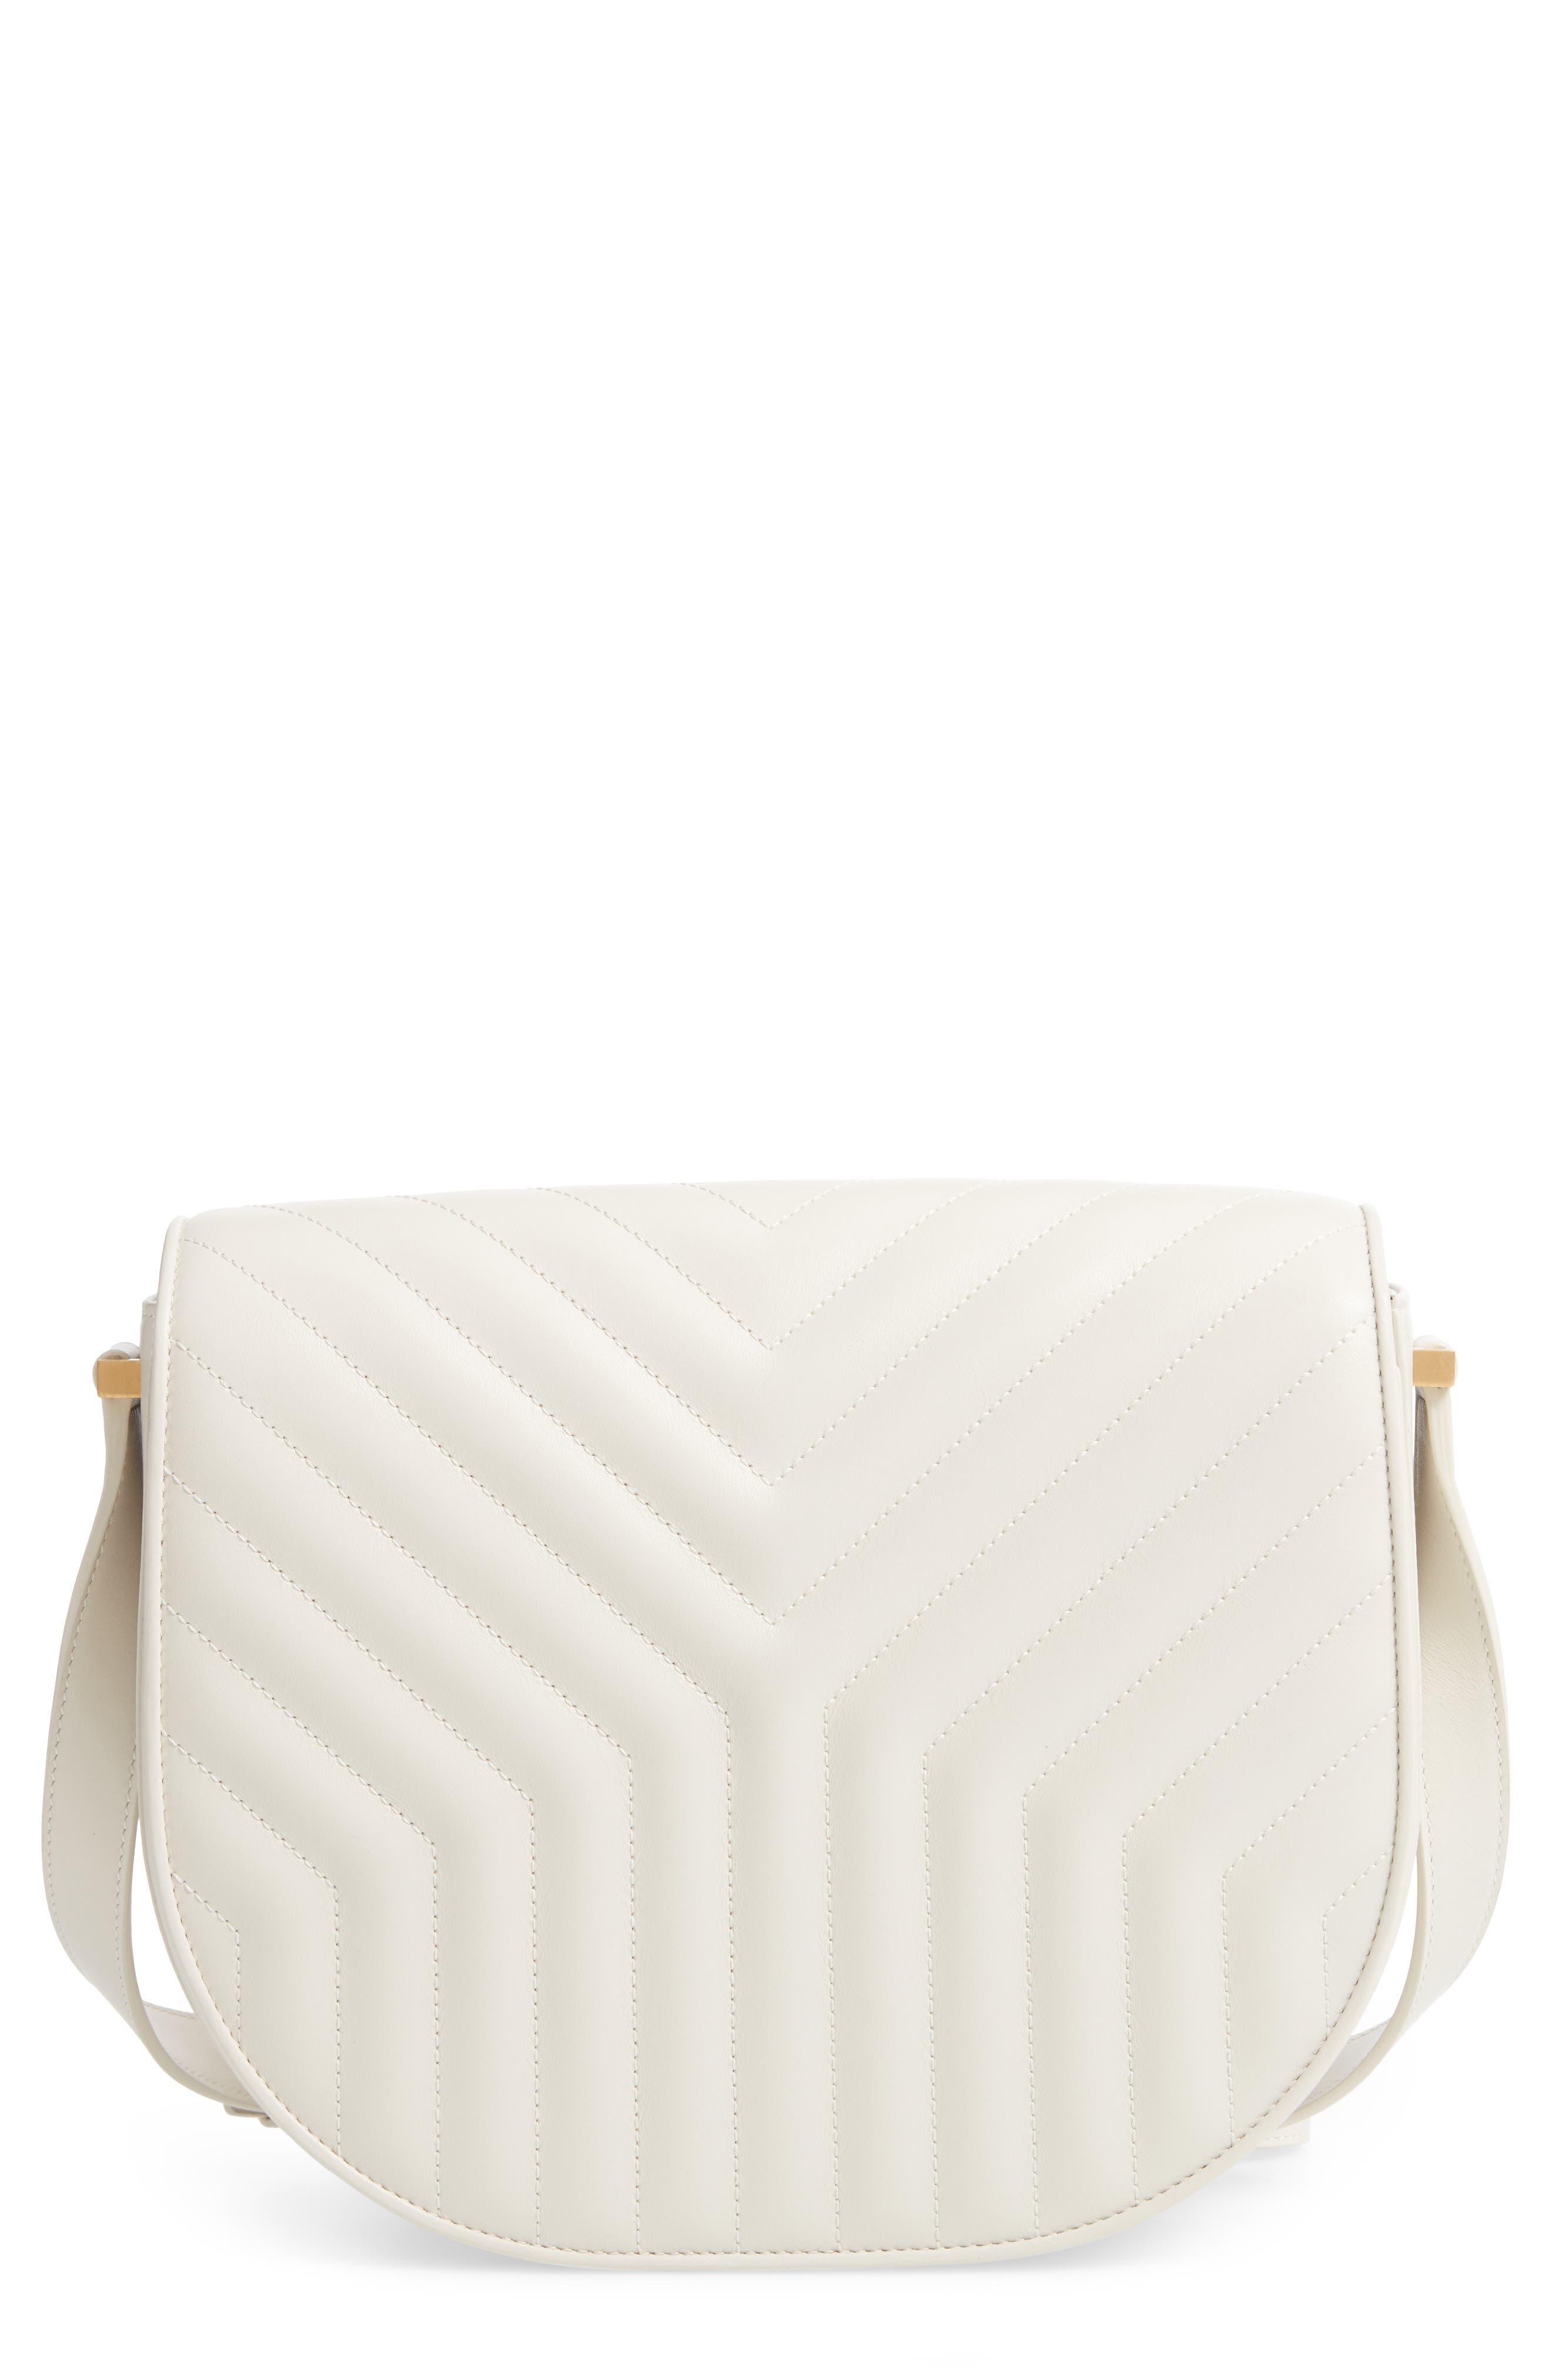 Saint Laurent Joan Quilted Leather Shoulder Bag | Nordstrom